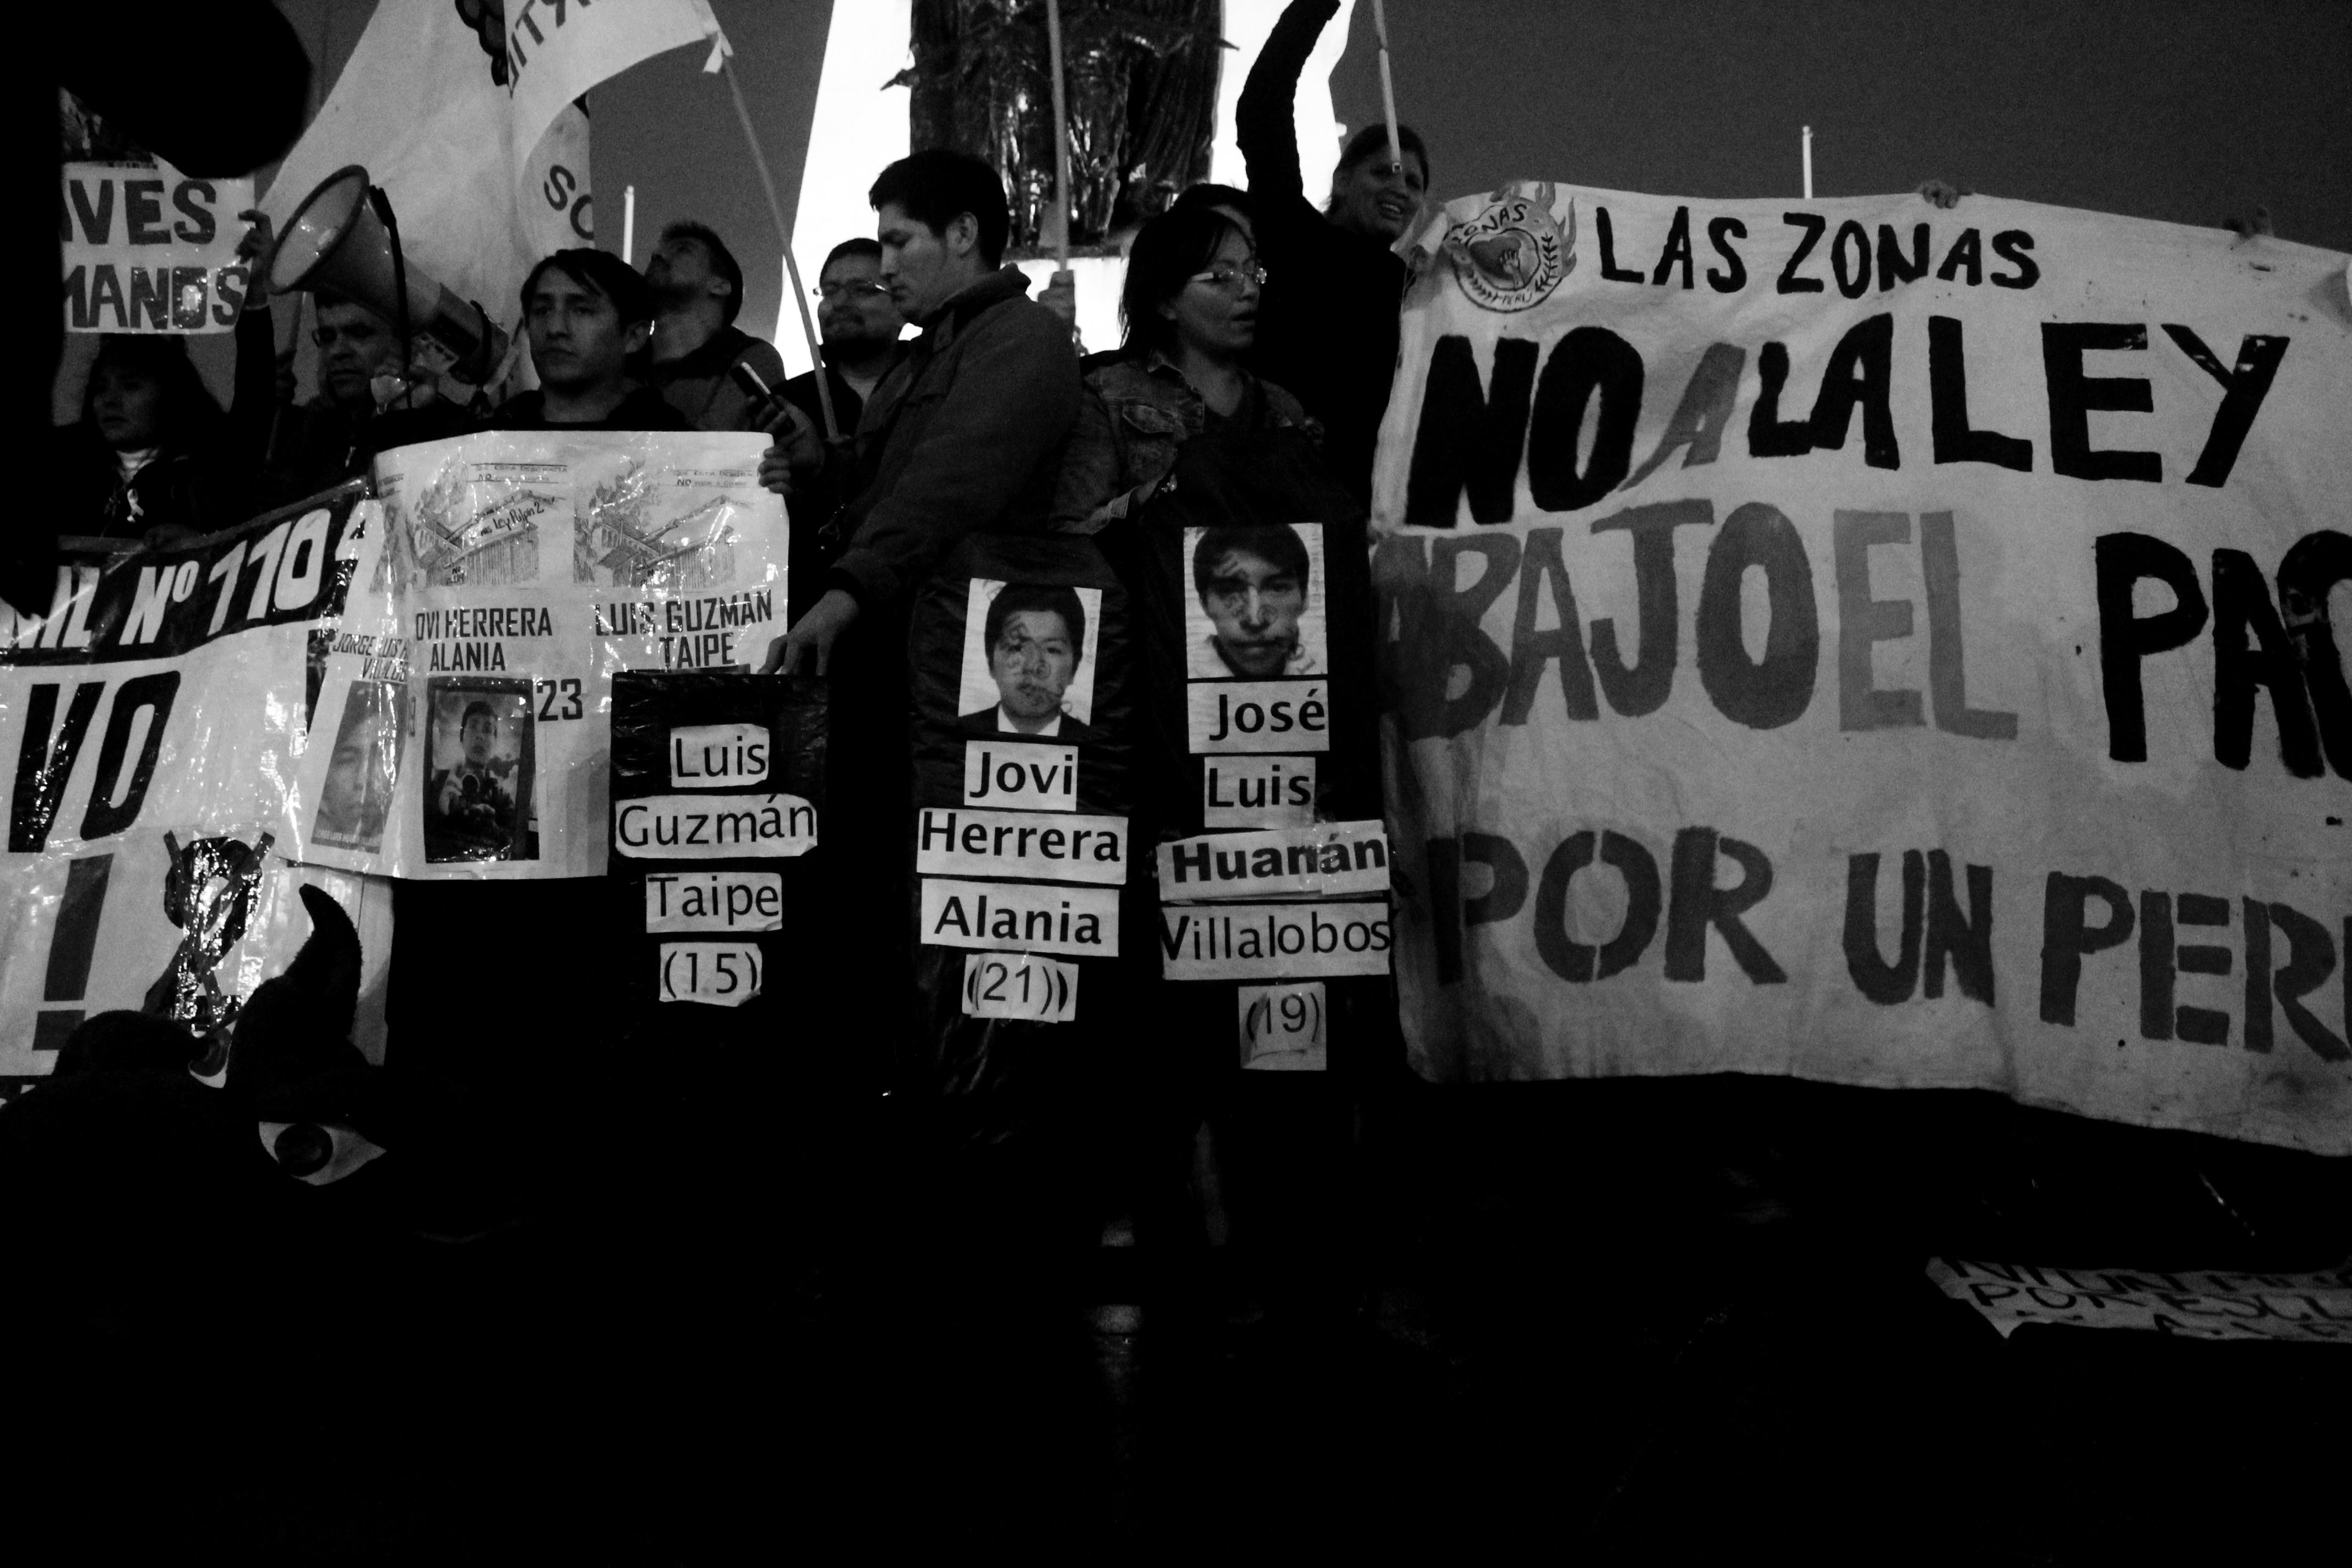 [Galería] Cientos de jóvenes marcharon por derechos laborales justos